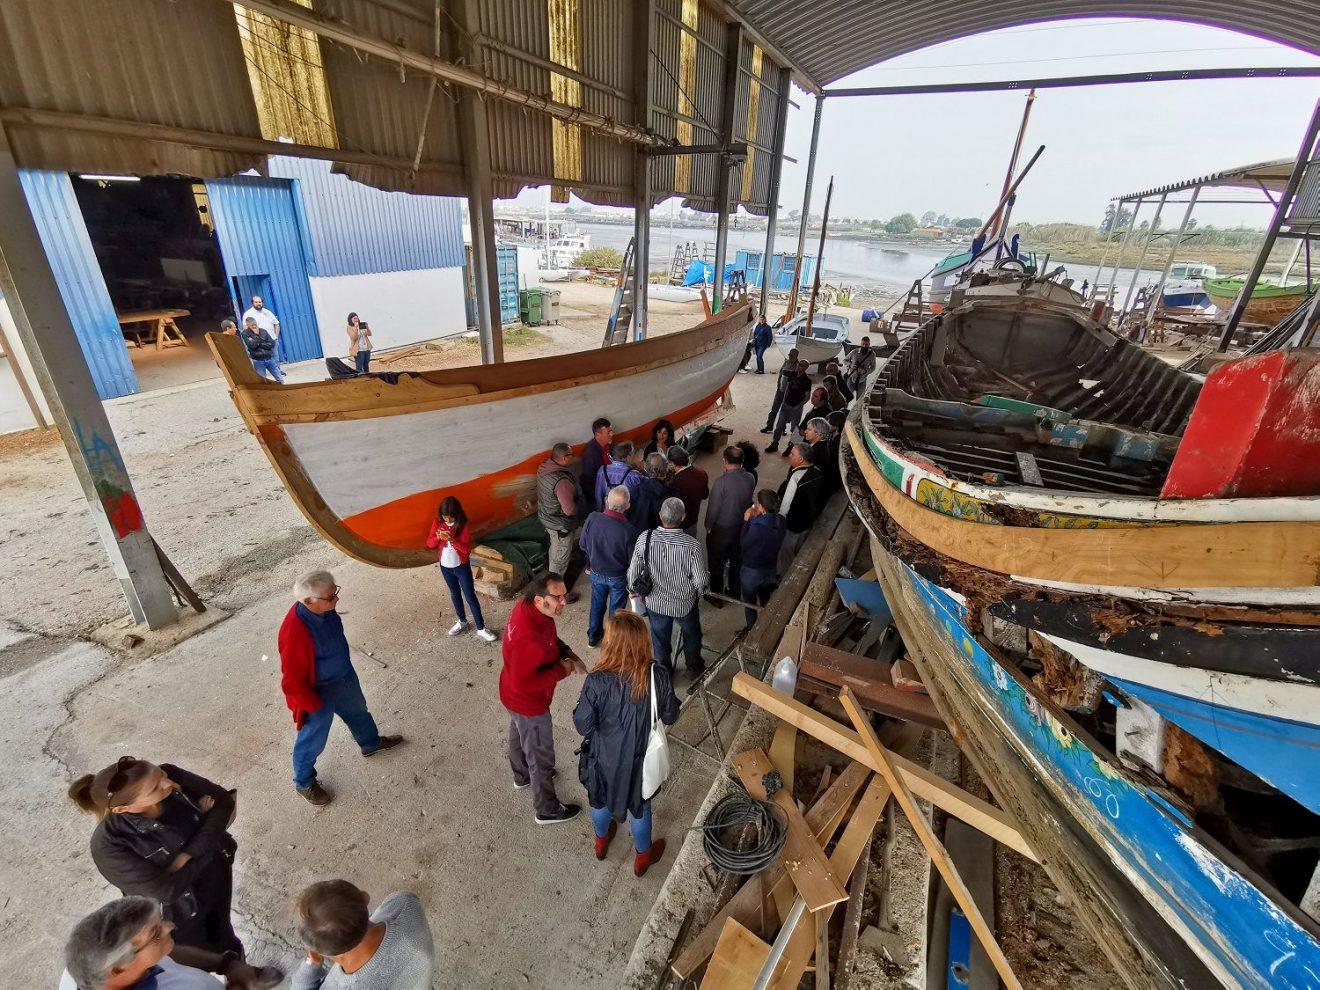 A visita ao Estaleiro Naval de Sarilhos Pequenos, mais conhecido pelo Estaleiro do Jaime Costa.